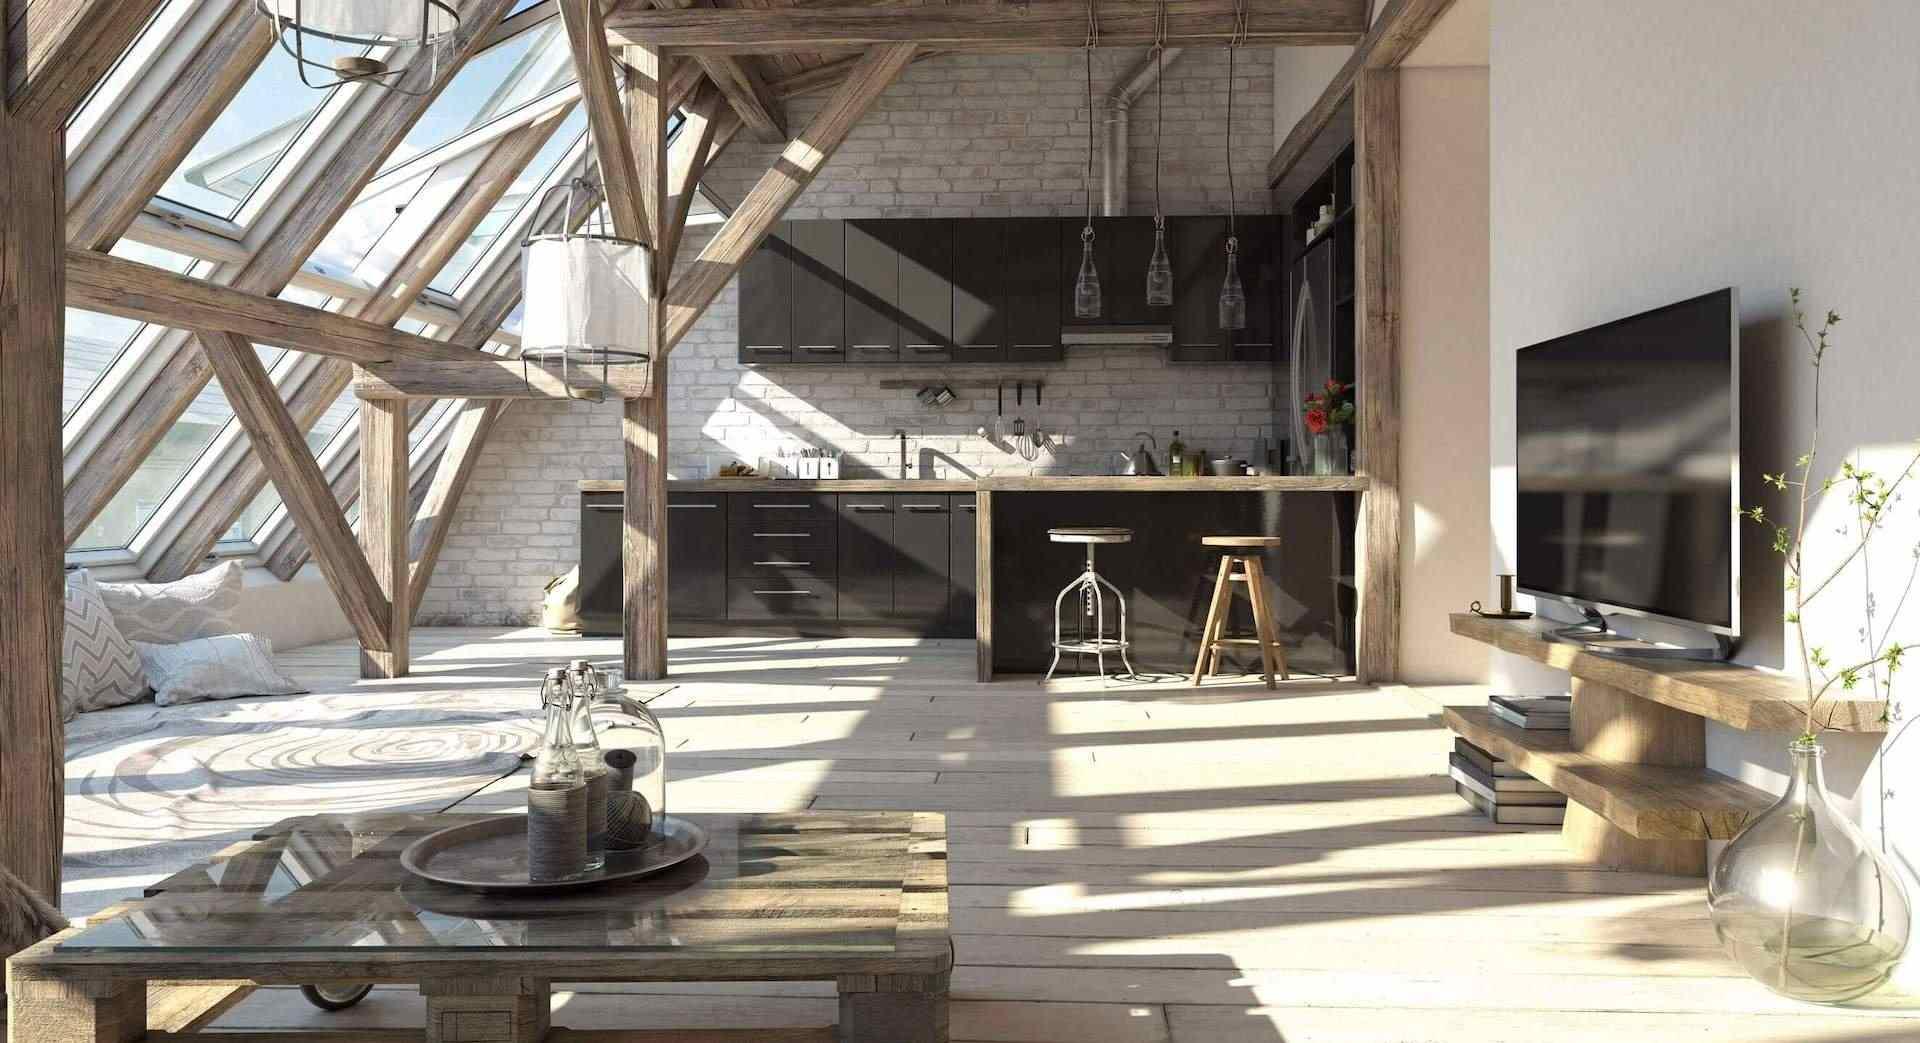 Wohnküchen im Industrial Style